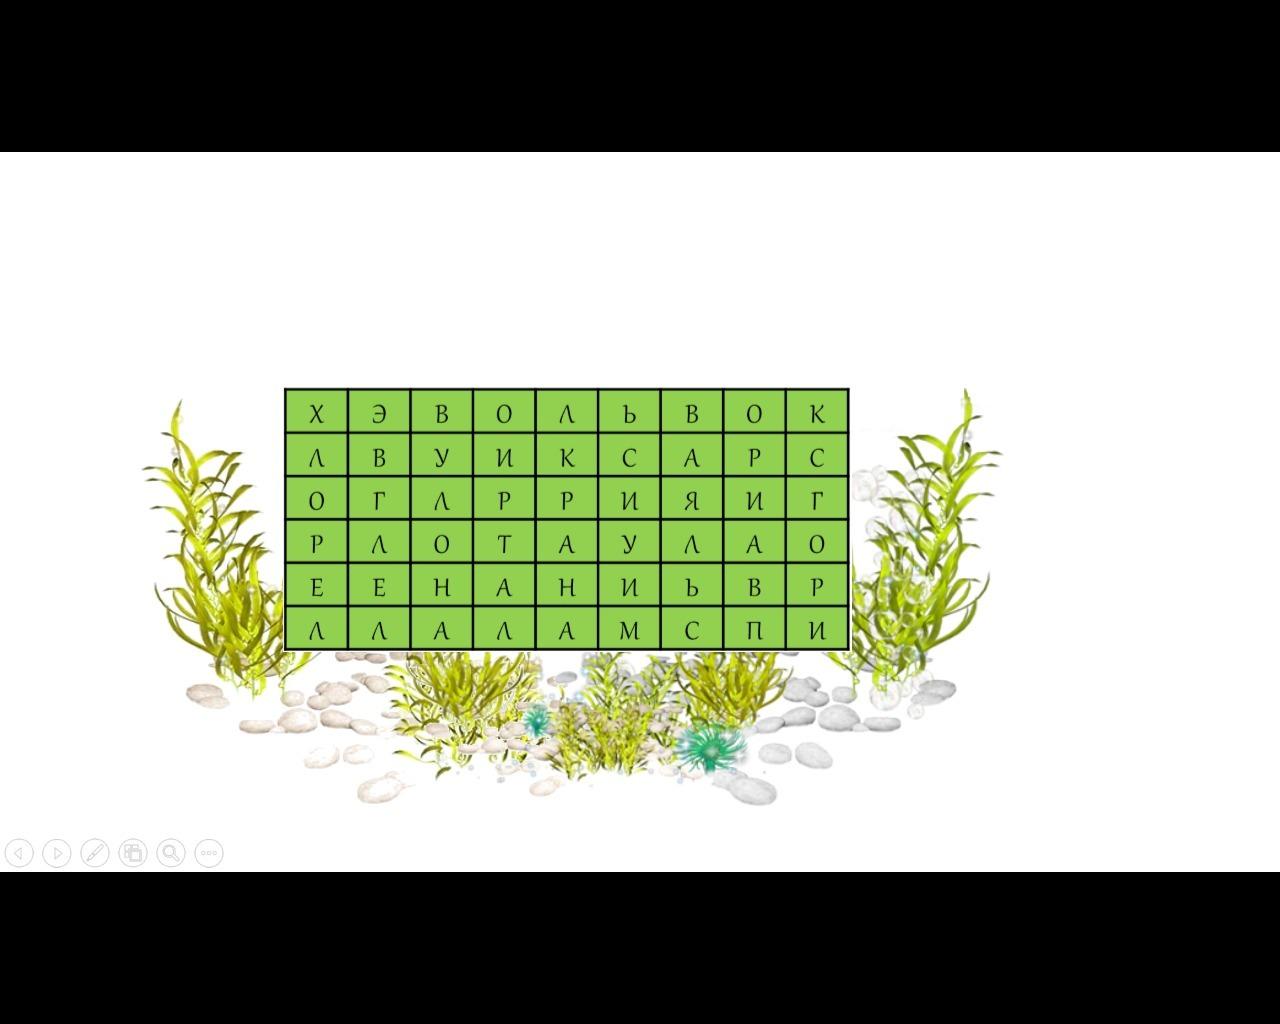 25 баллов! Разгадай филворд «Загадочный мир водорослей», подсчитай количество многоклеточных водорослей. В ответе запишите только число и названия. Загрузить png